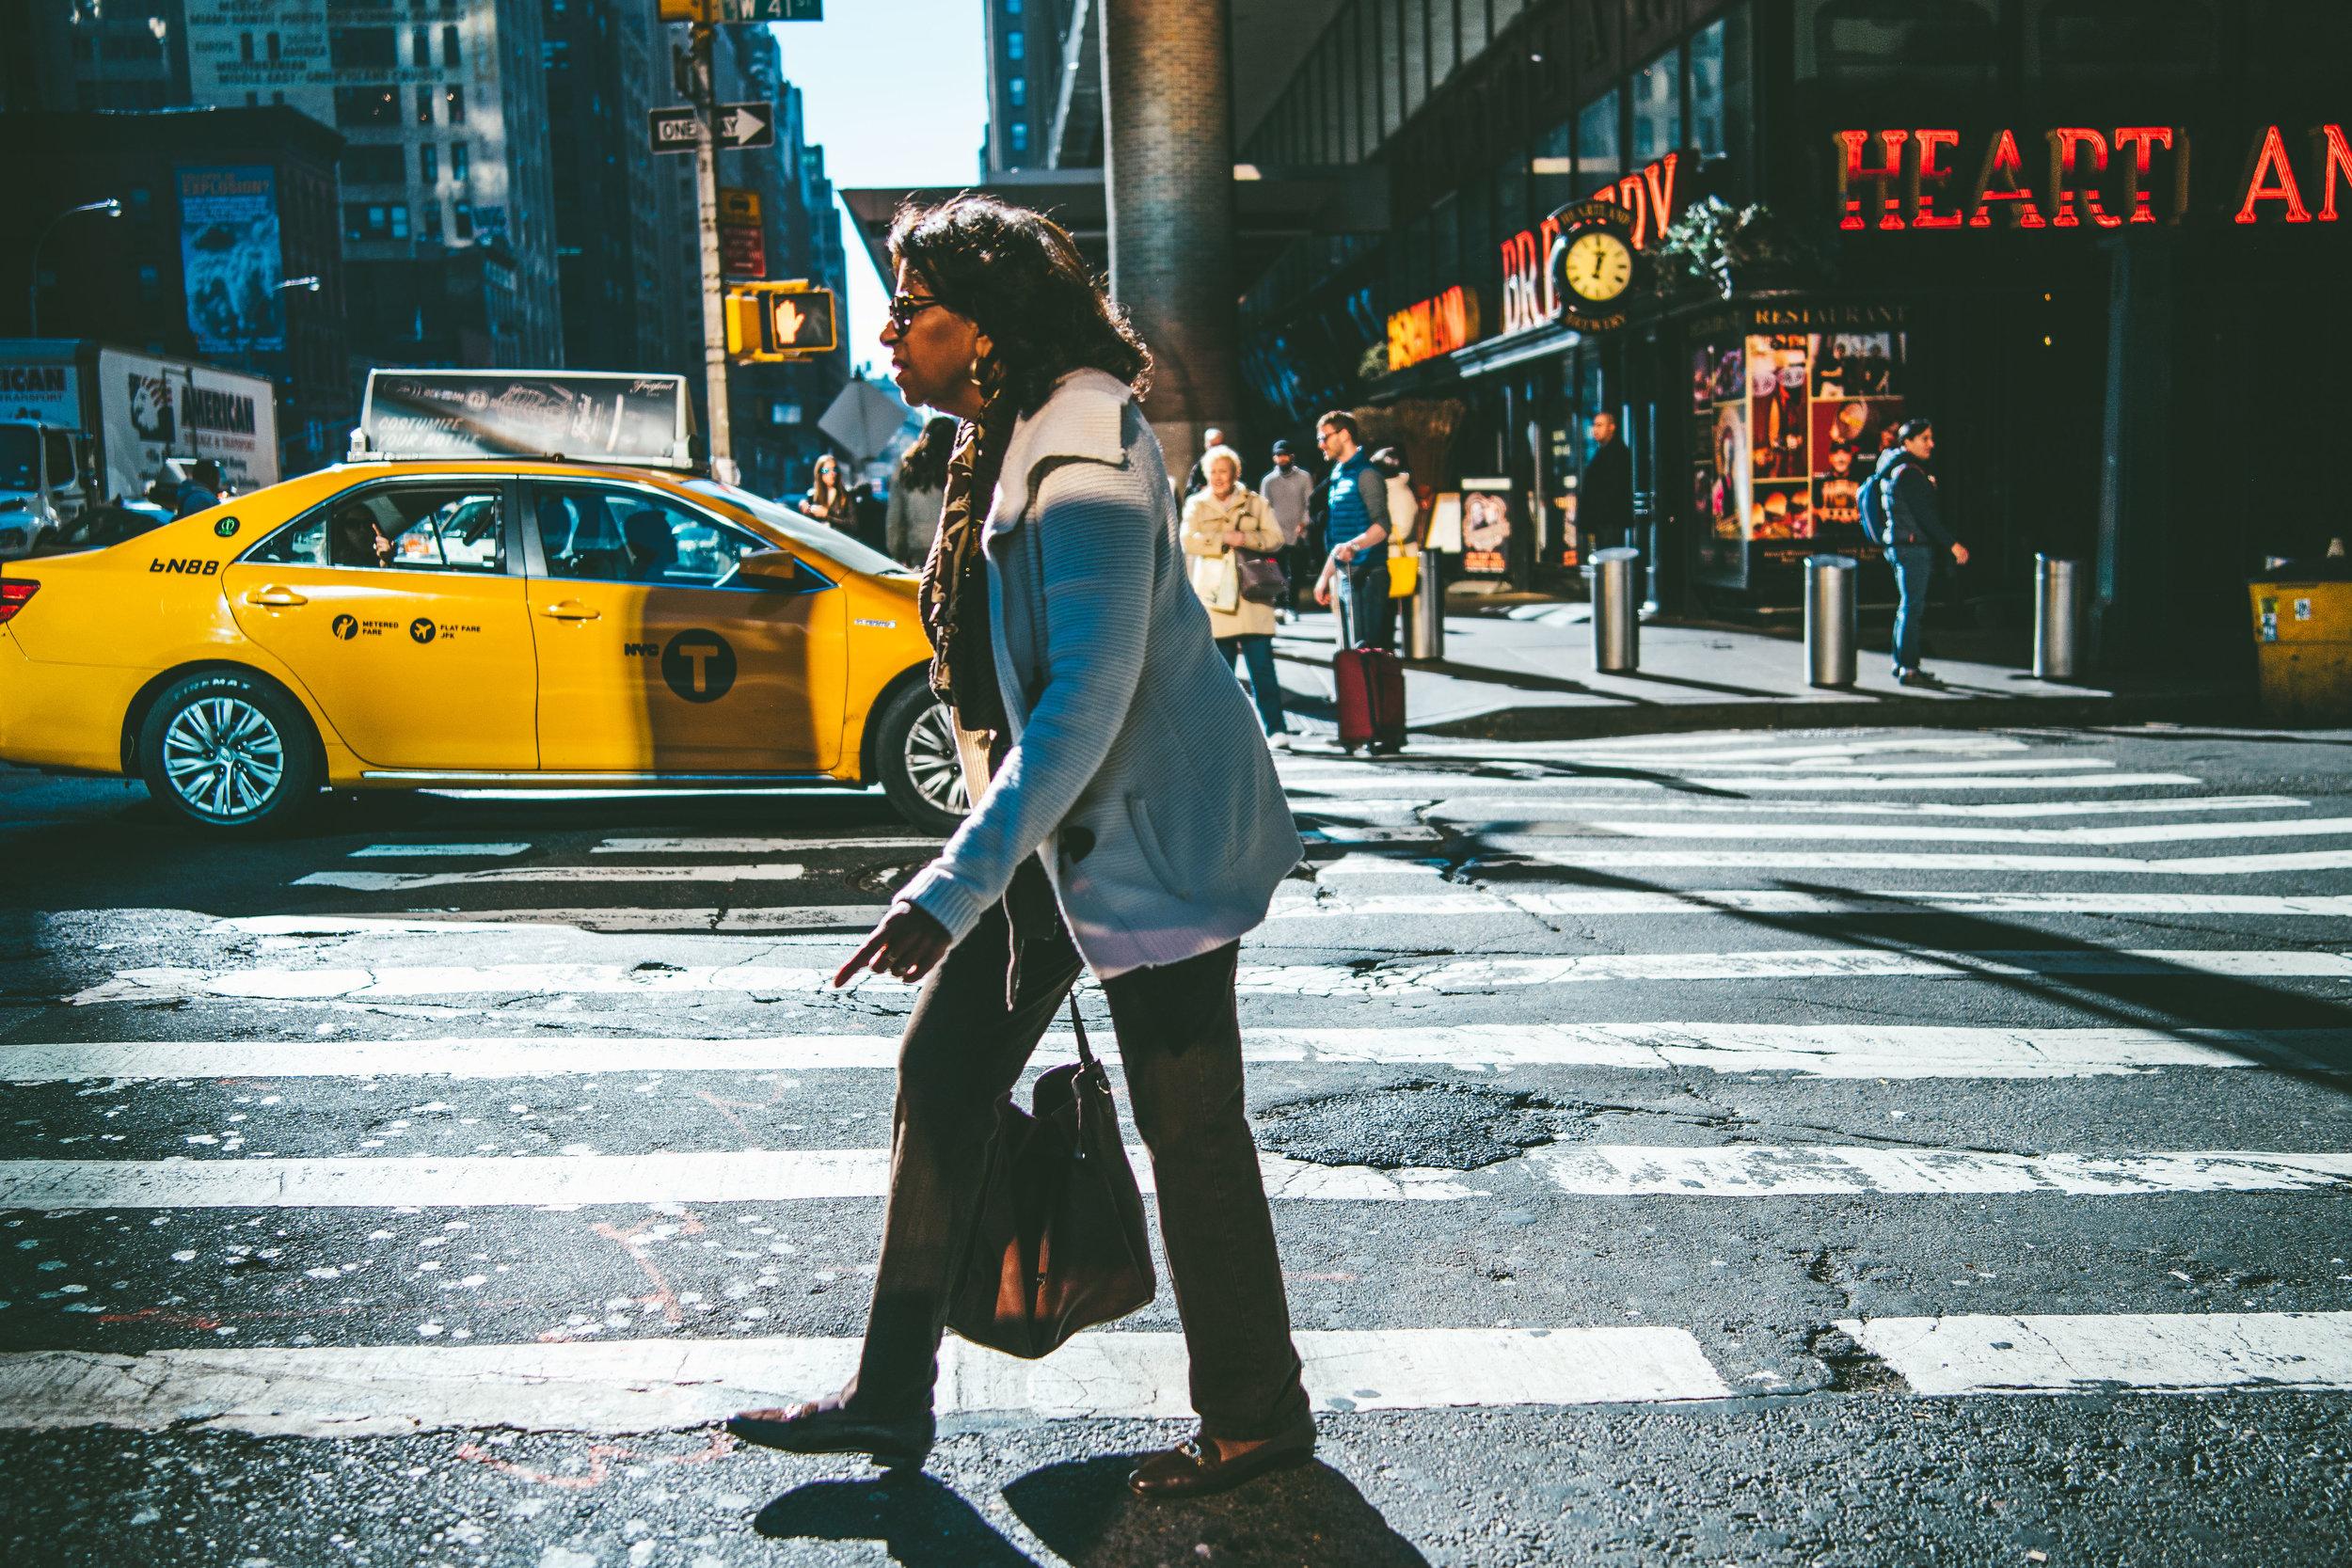 newyork-07406.jpg